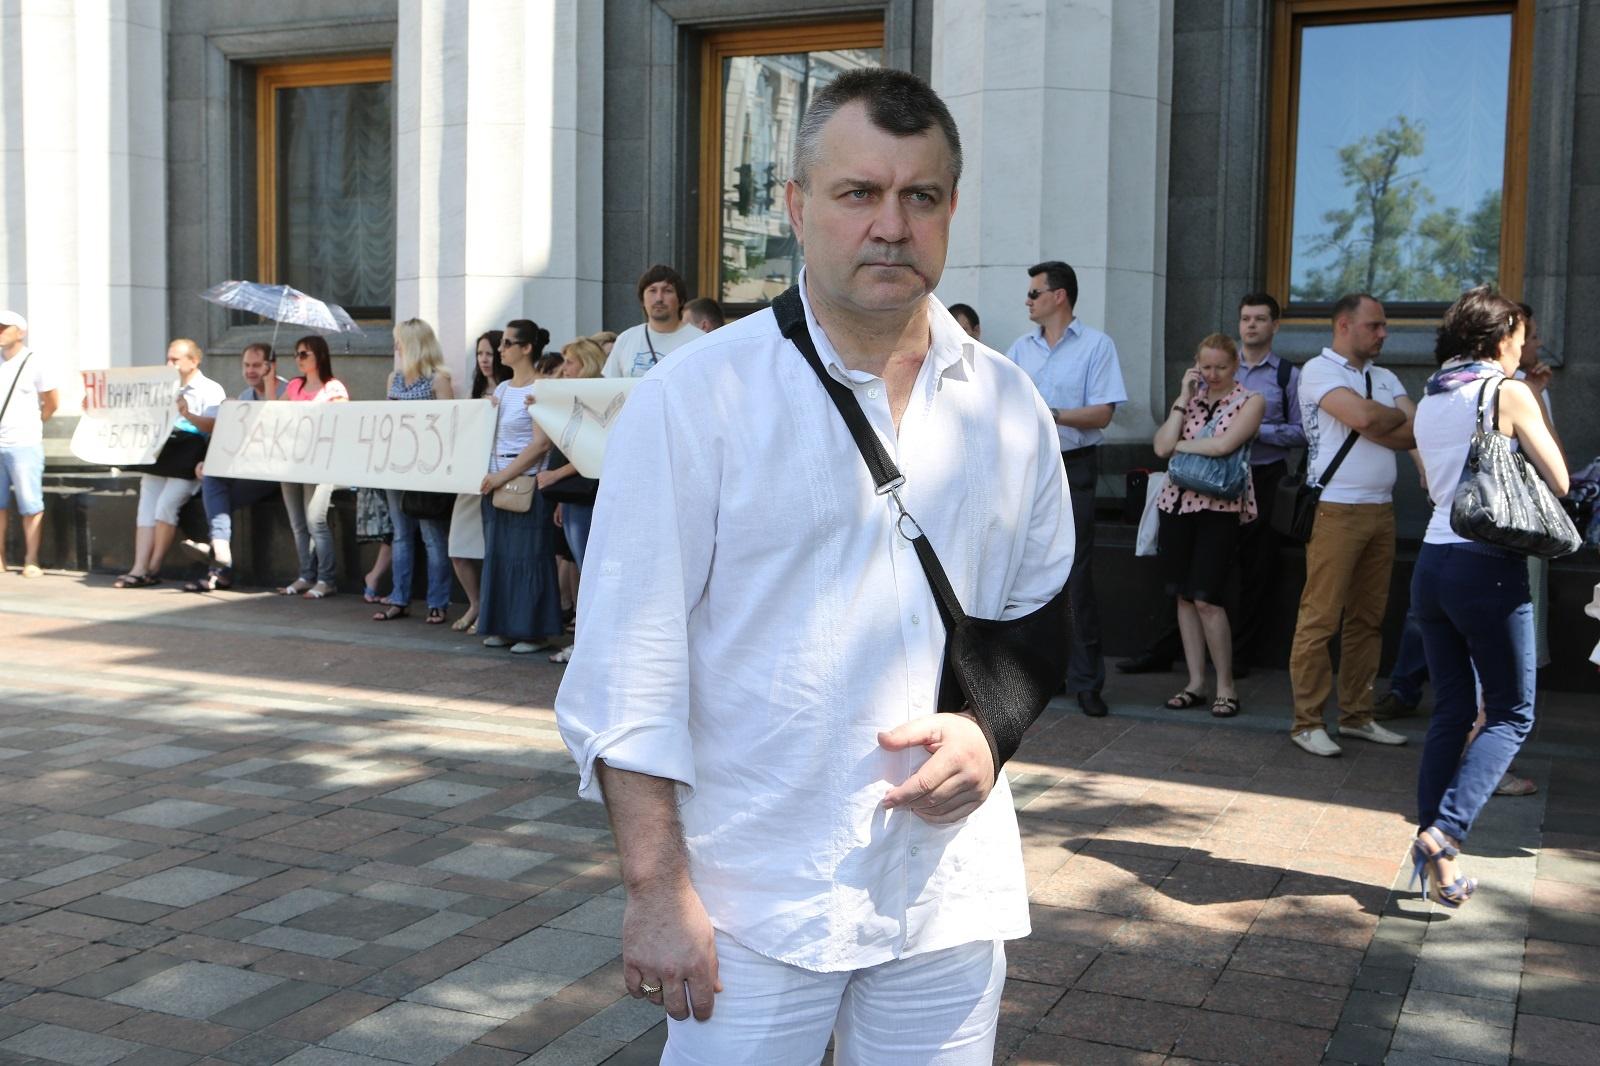 УГОЛЬНАЯ ВОЛЬНИЦА: Луганский правозащитник Павел Лисянский говорит, что в стране работает целая схема переправки угля из республик